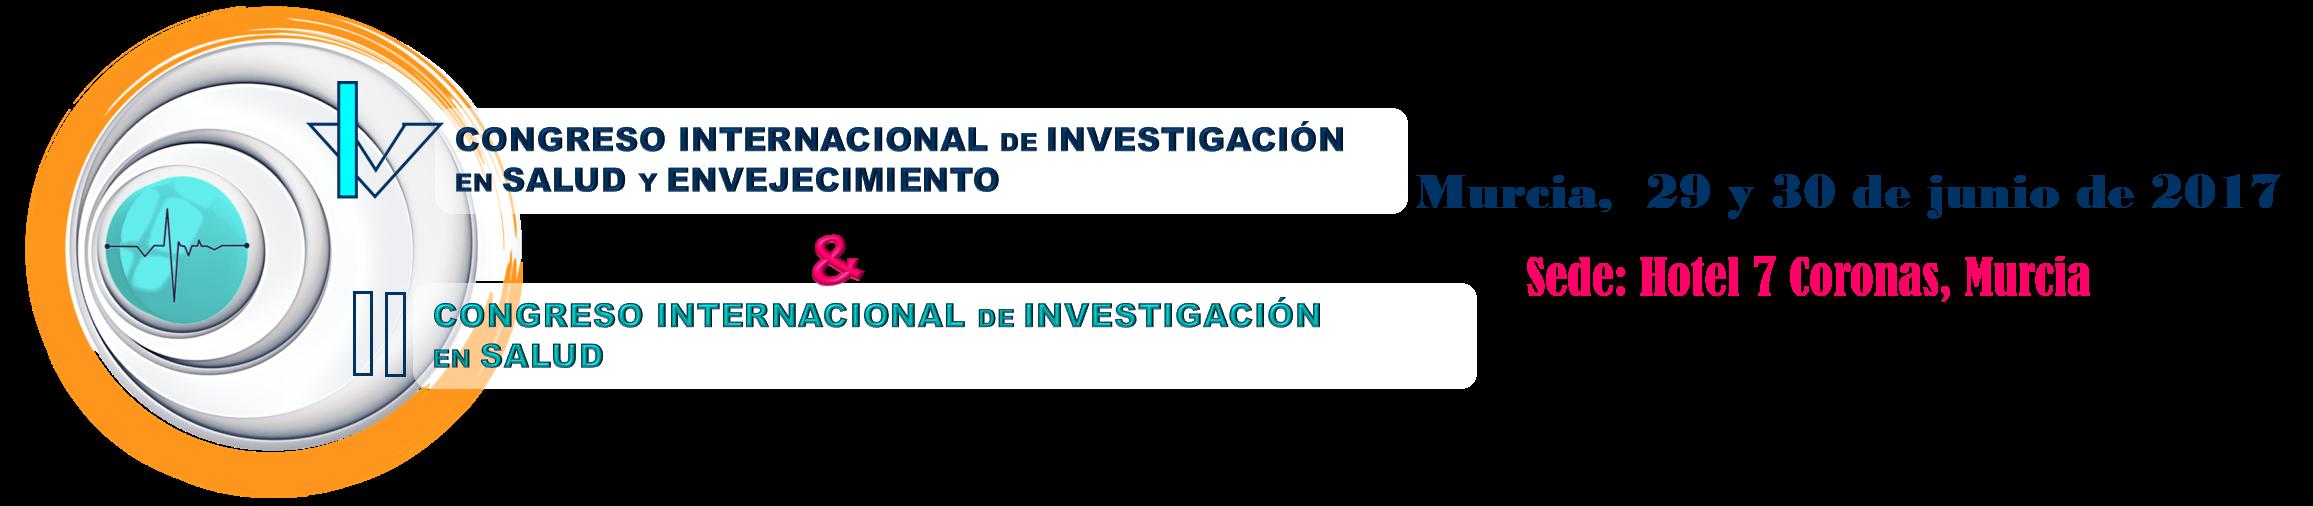 IV Congreso Internacional de Investigación en Salud & II Congreso Internacional de Investigación en Salud